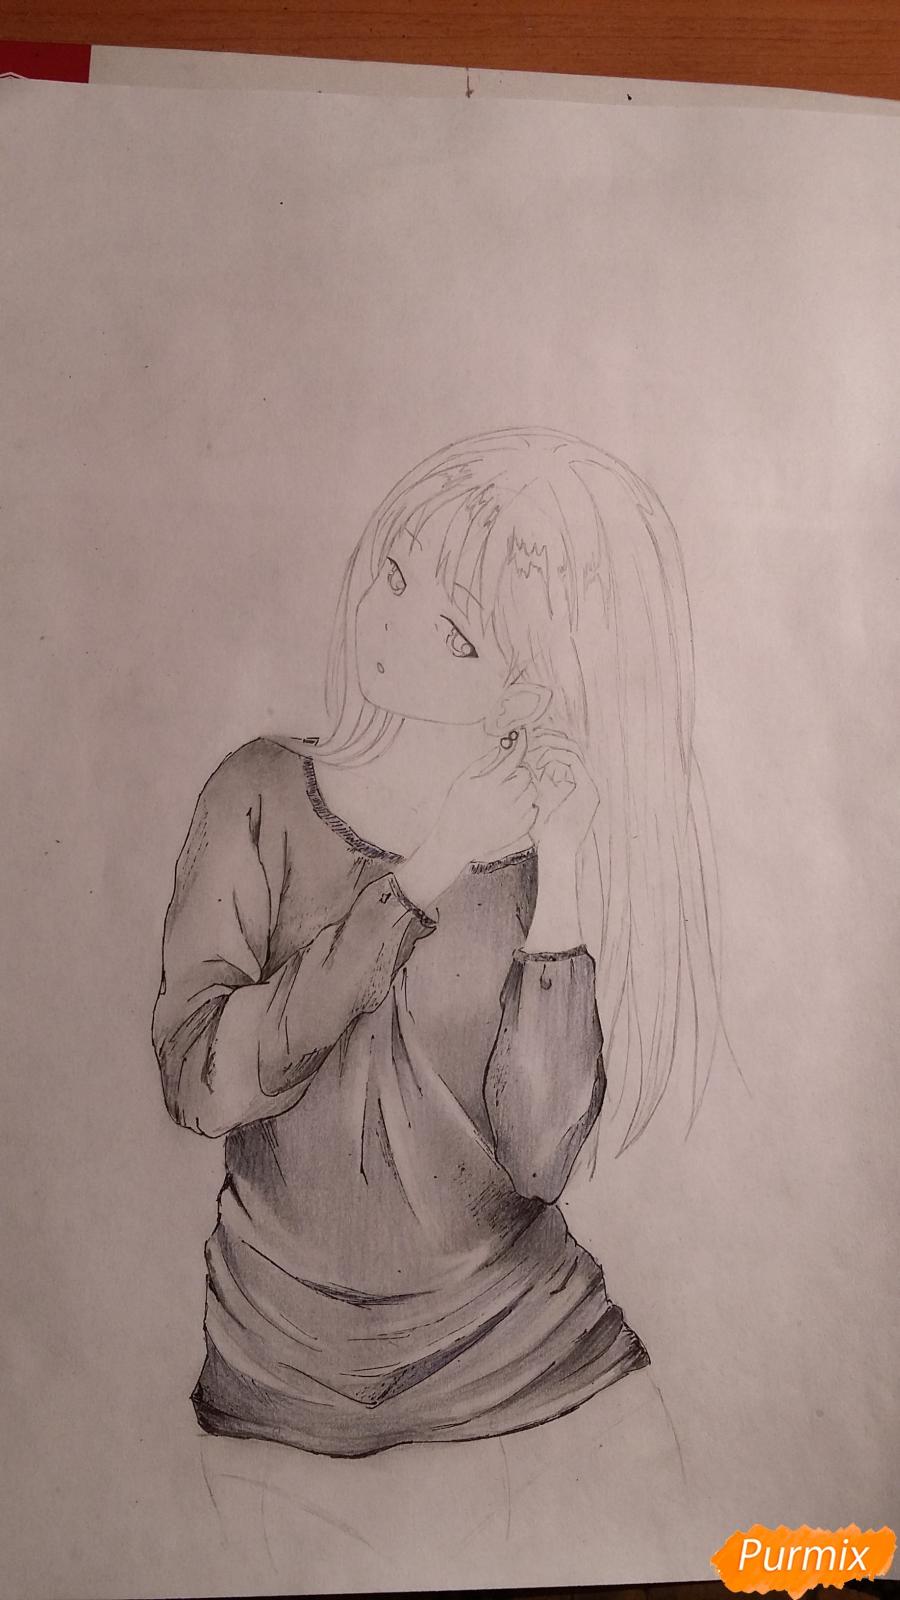 Как нарисовать милую девушку в аниме стиле карандашами поэтапно - шаг 6